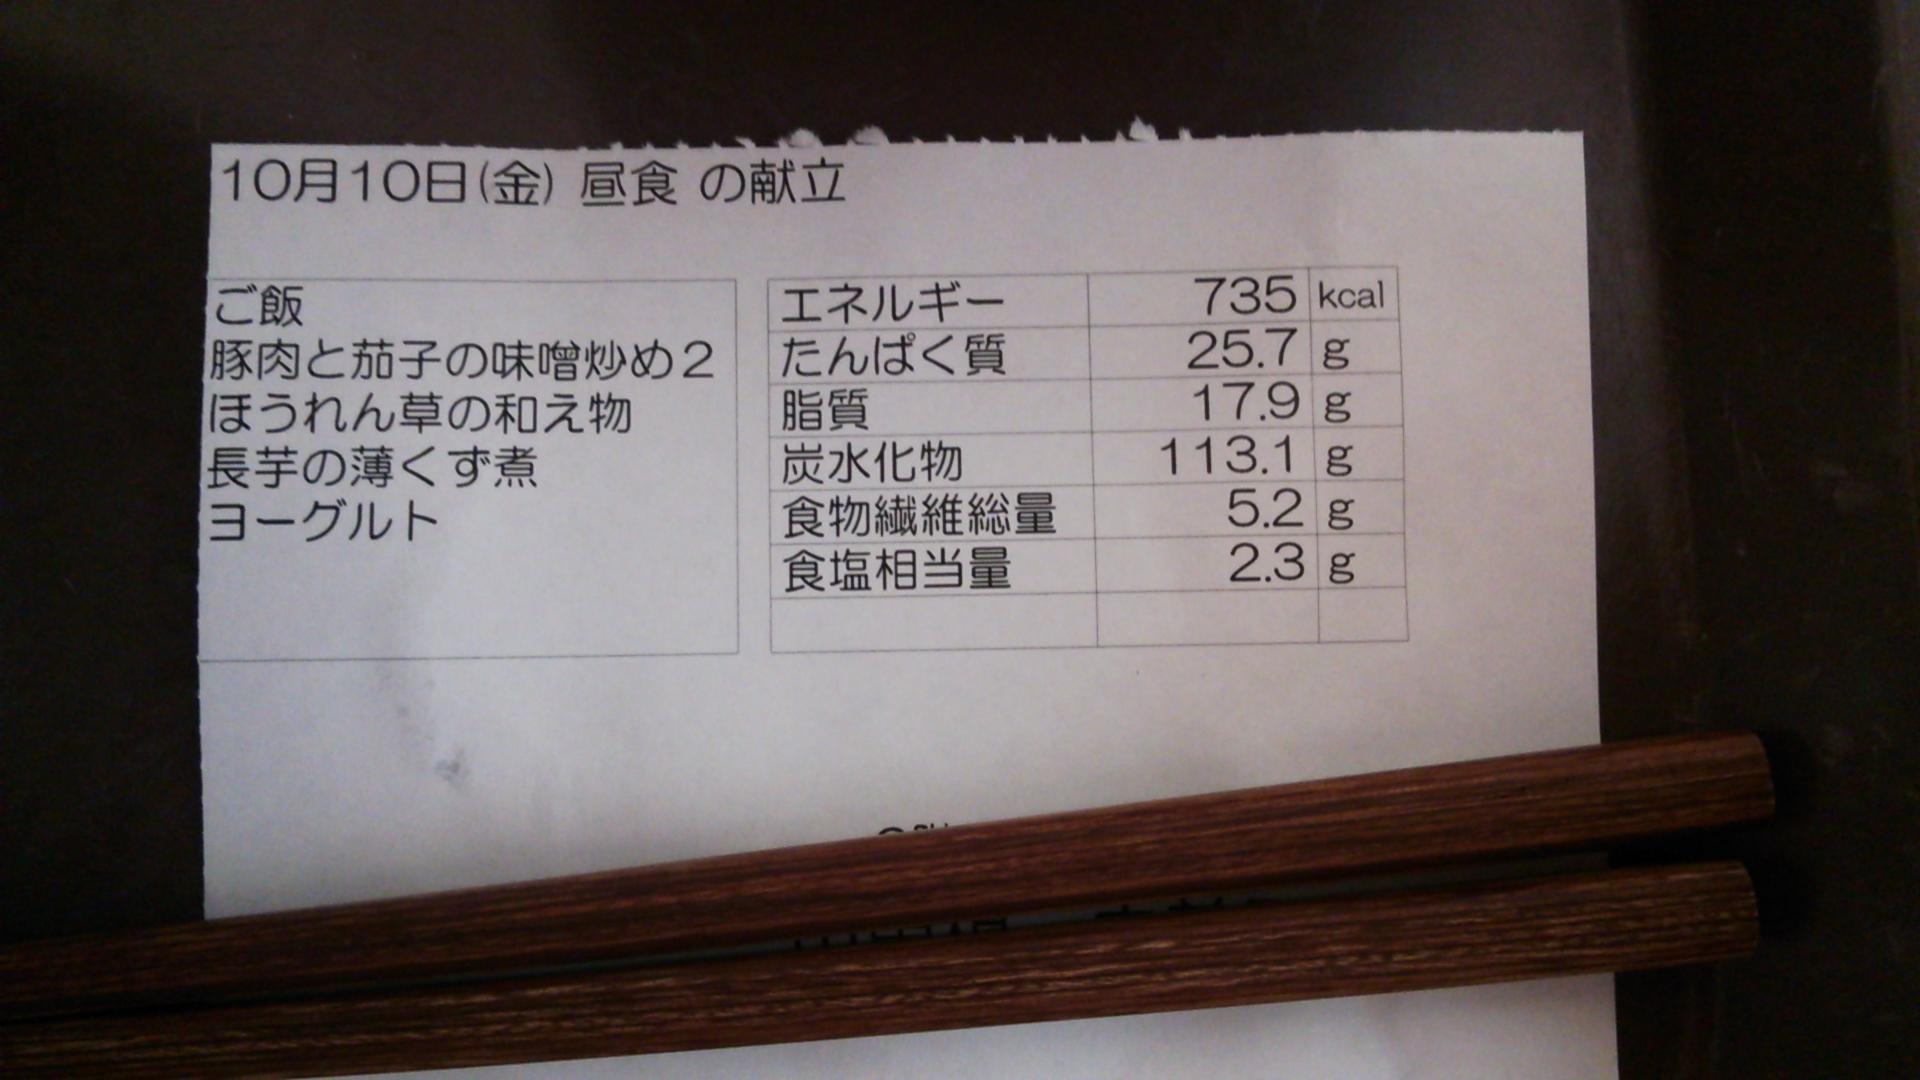 10月10日(金)昼食の献立